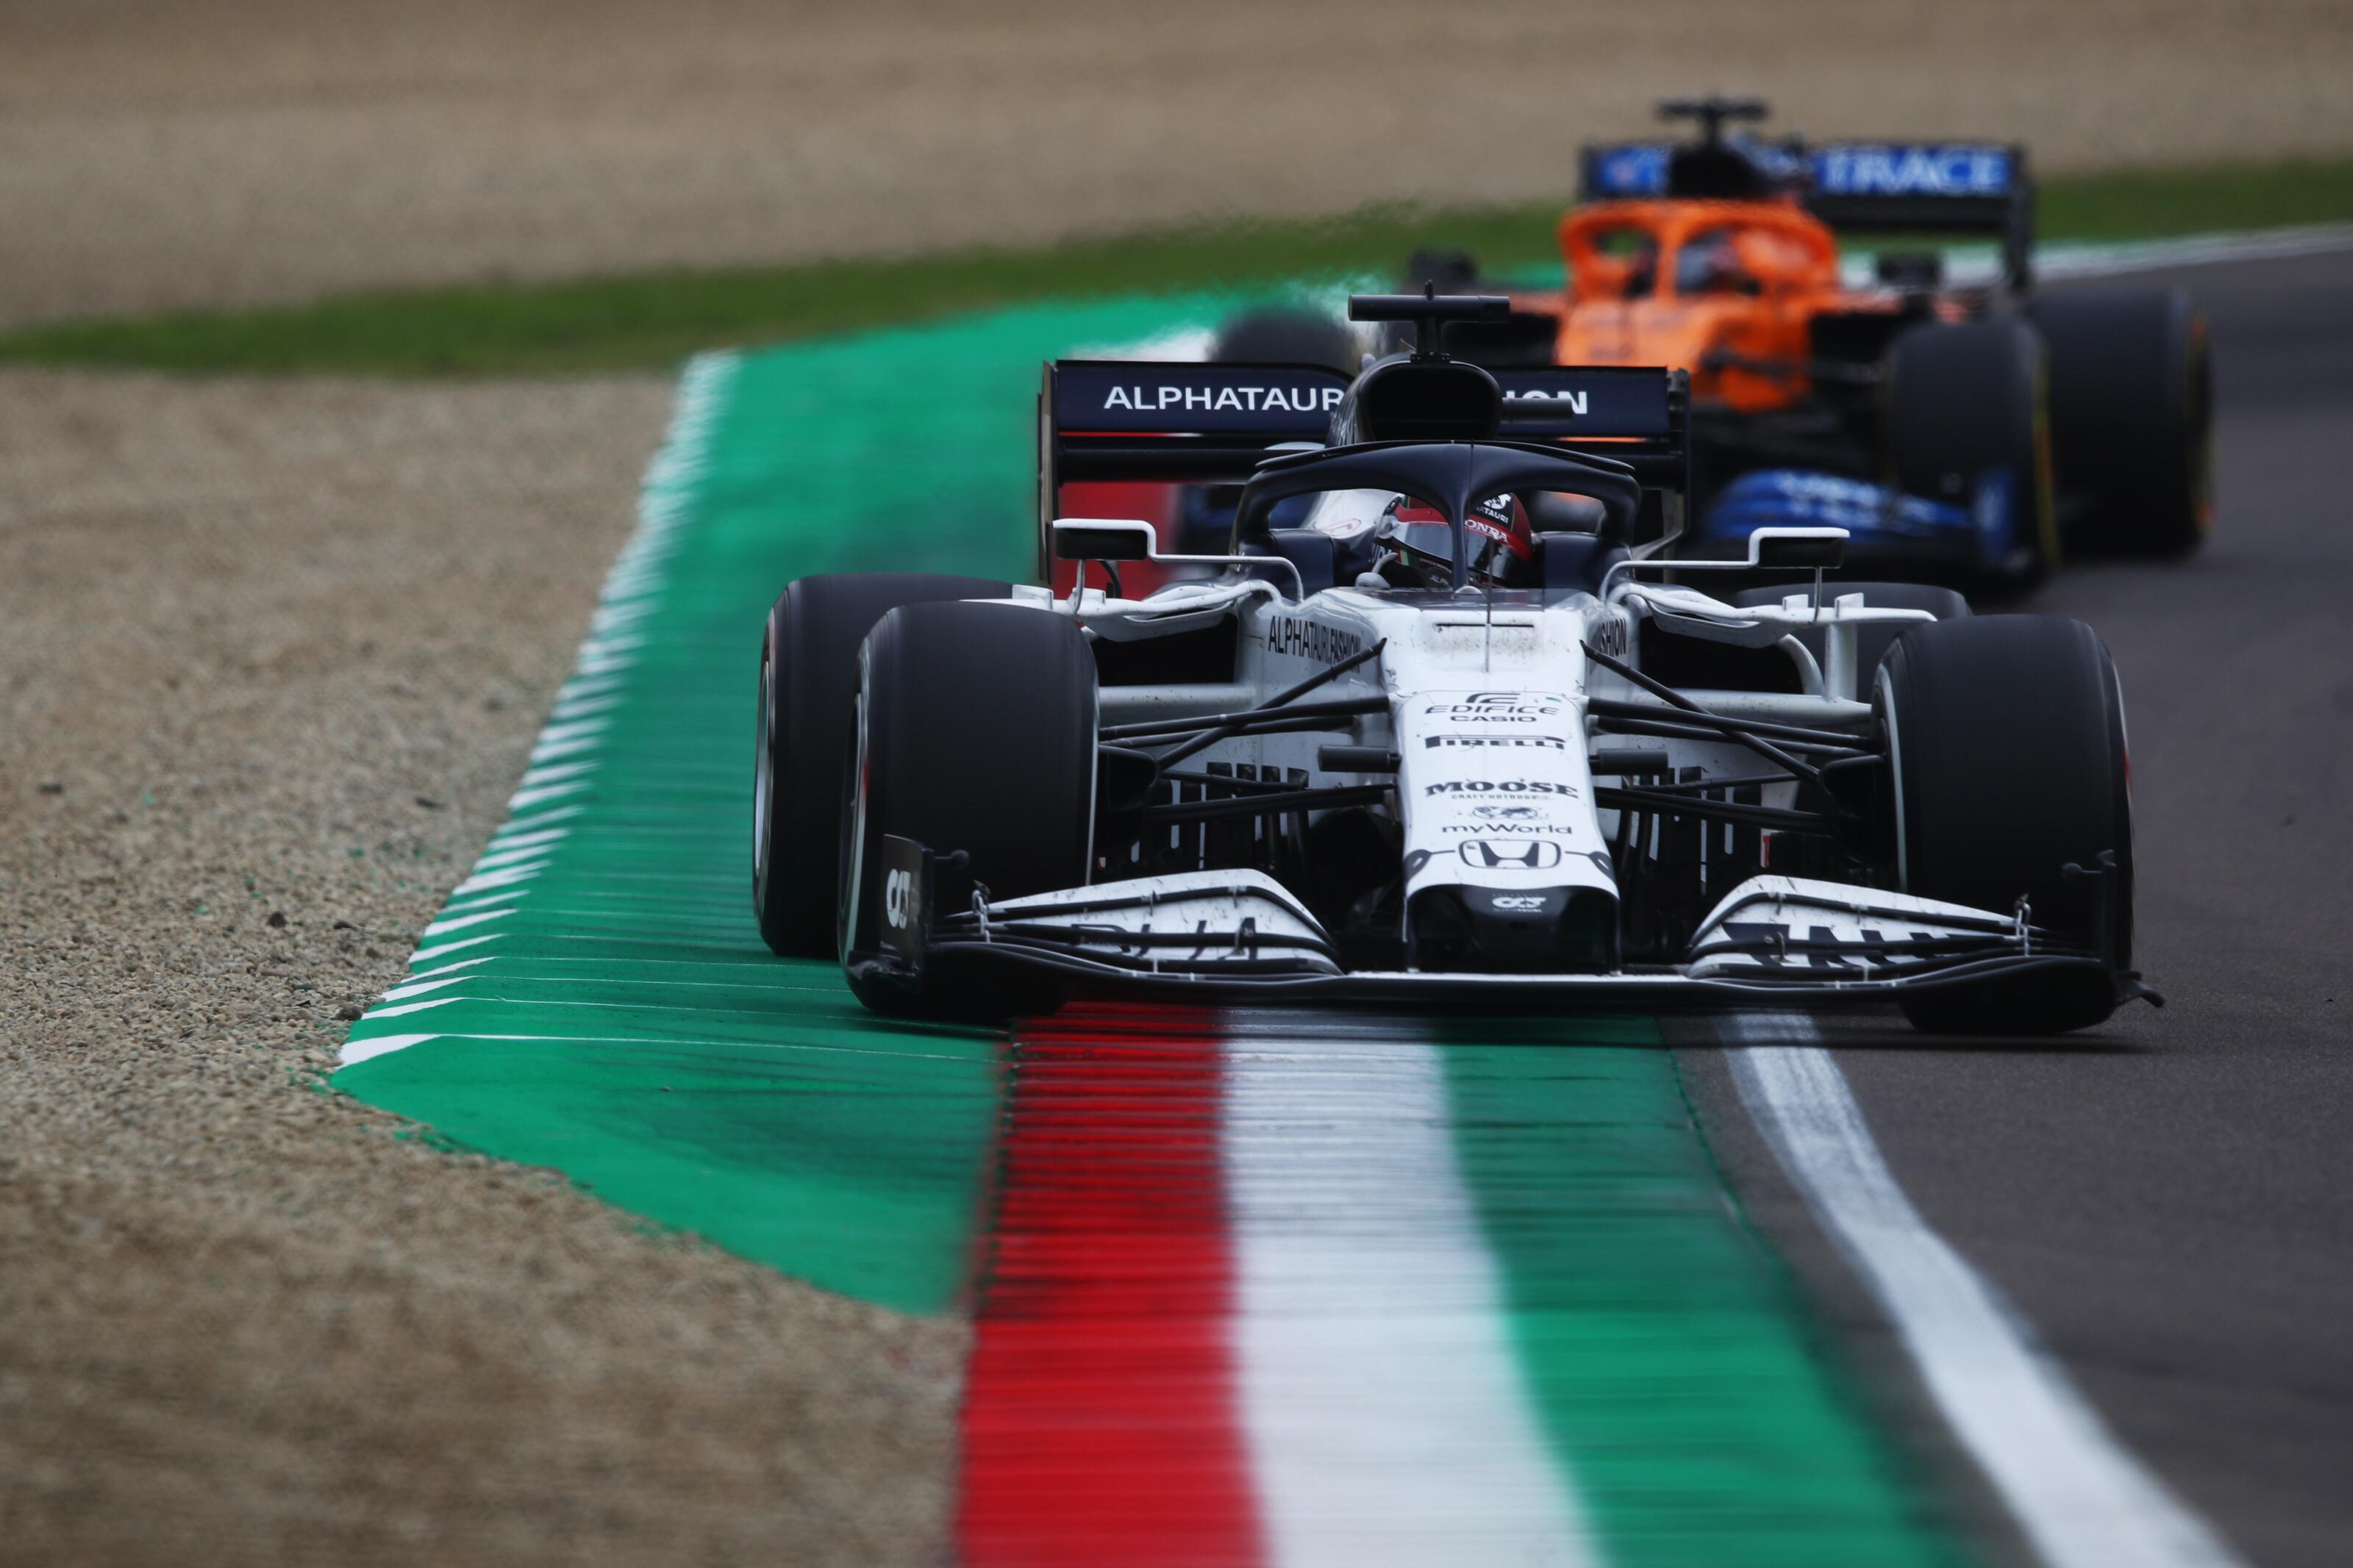 El fogják várni a nézőktől az oltásigazolást az F1-ben?